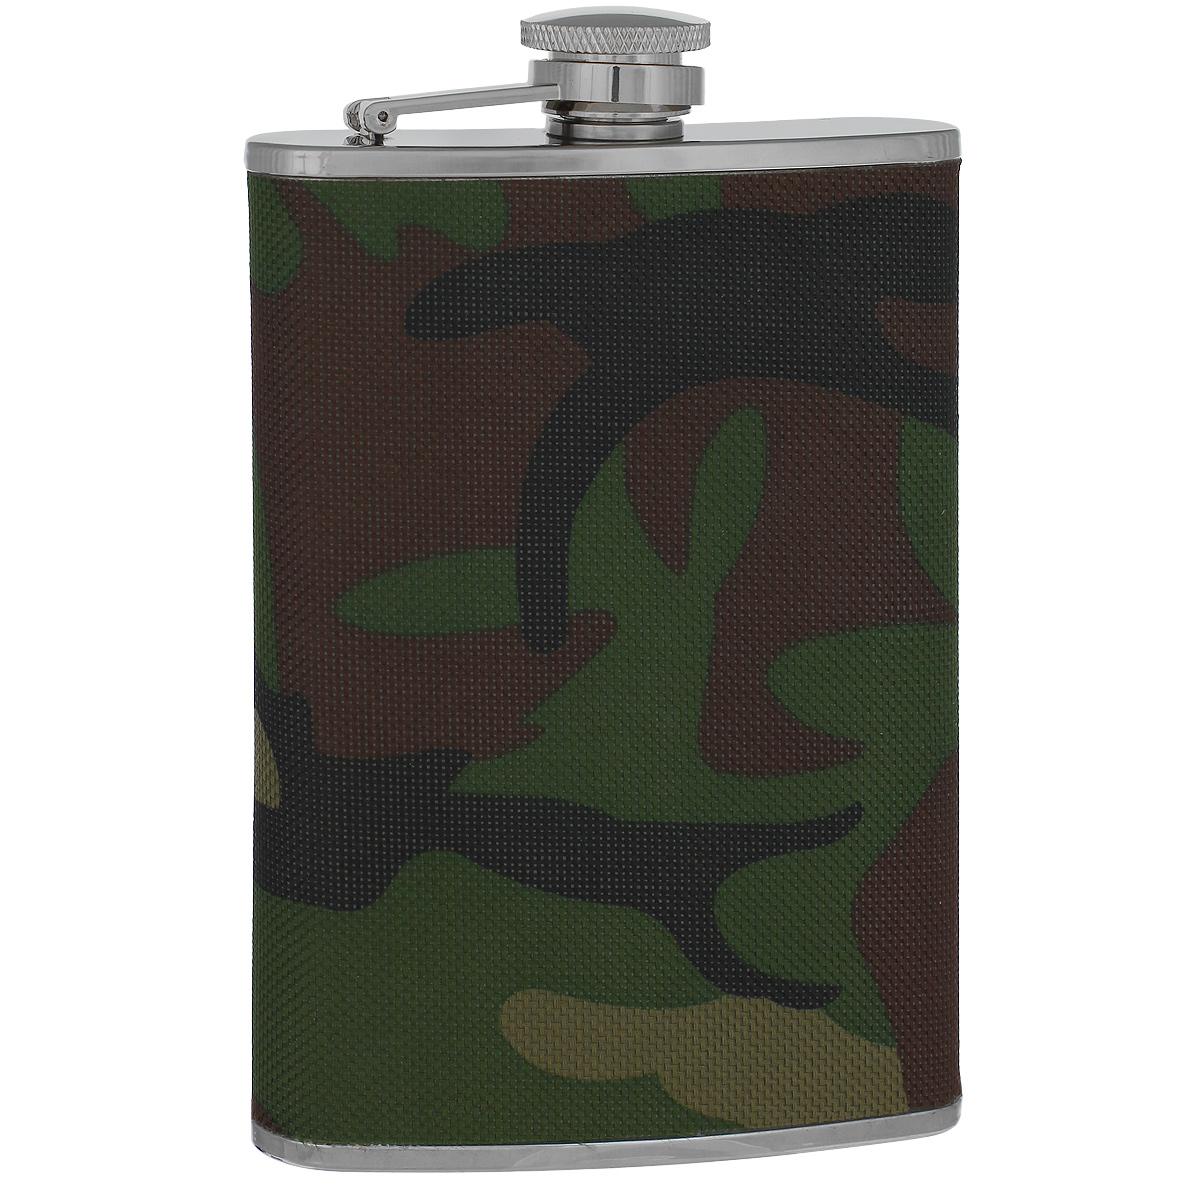 Фляга S.Quire Камуфляж, 240 мл411-400 зелёныйФляга S.Quire изготовлена из нержавеющей стали 18/10 и оформлена текстильной вставкой с рисунком камуфляж. Фляга специально предназначена для хранения алкогольных напитков. Ее нельзя использовать для напитков, содержащих кислоту, таких как сок и сердечные лекарства. Крышка плотно закрывается, предотвращая проливание. Фляга S.Quire - идеальный подарок для настоящих мужчин. Стильный дизайн, компактность и качество изделия, несомненно, порадуют любого мужчину.